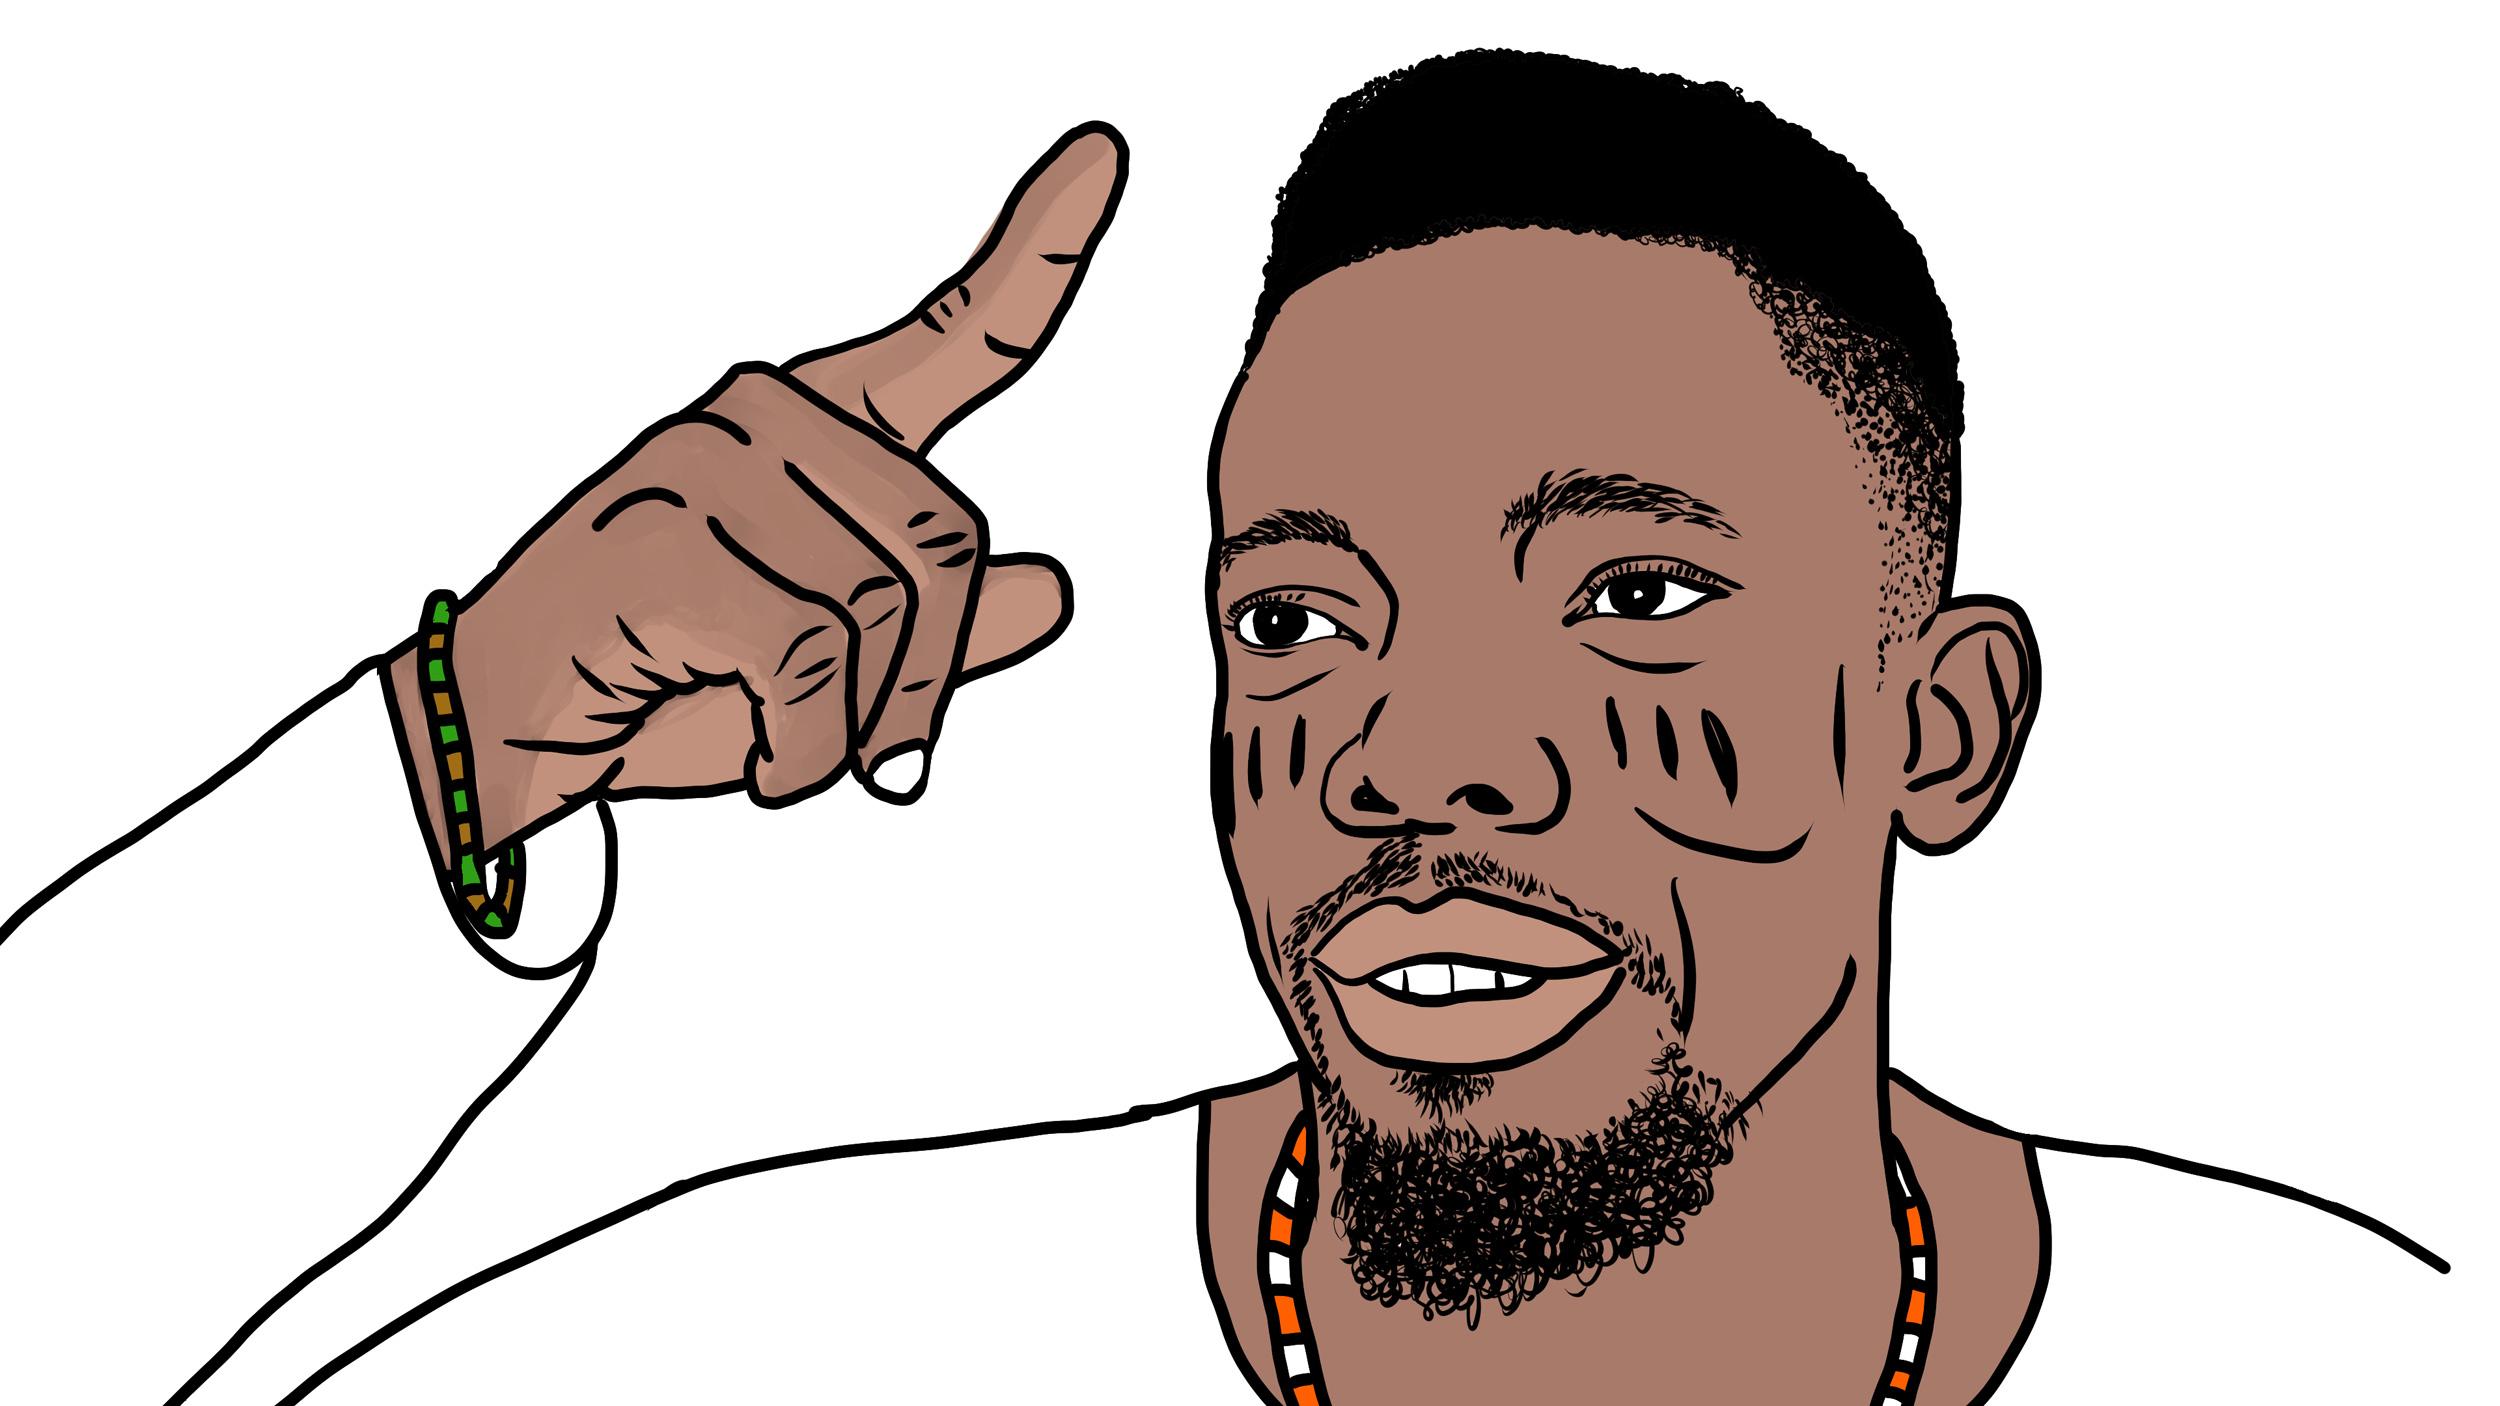 ogun re, oggun, ogum, oath, swearing, yoruba, orisha, ifa orunmila